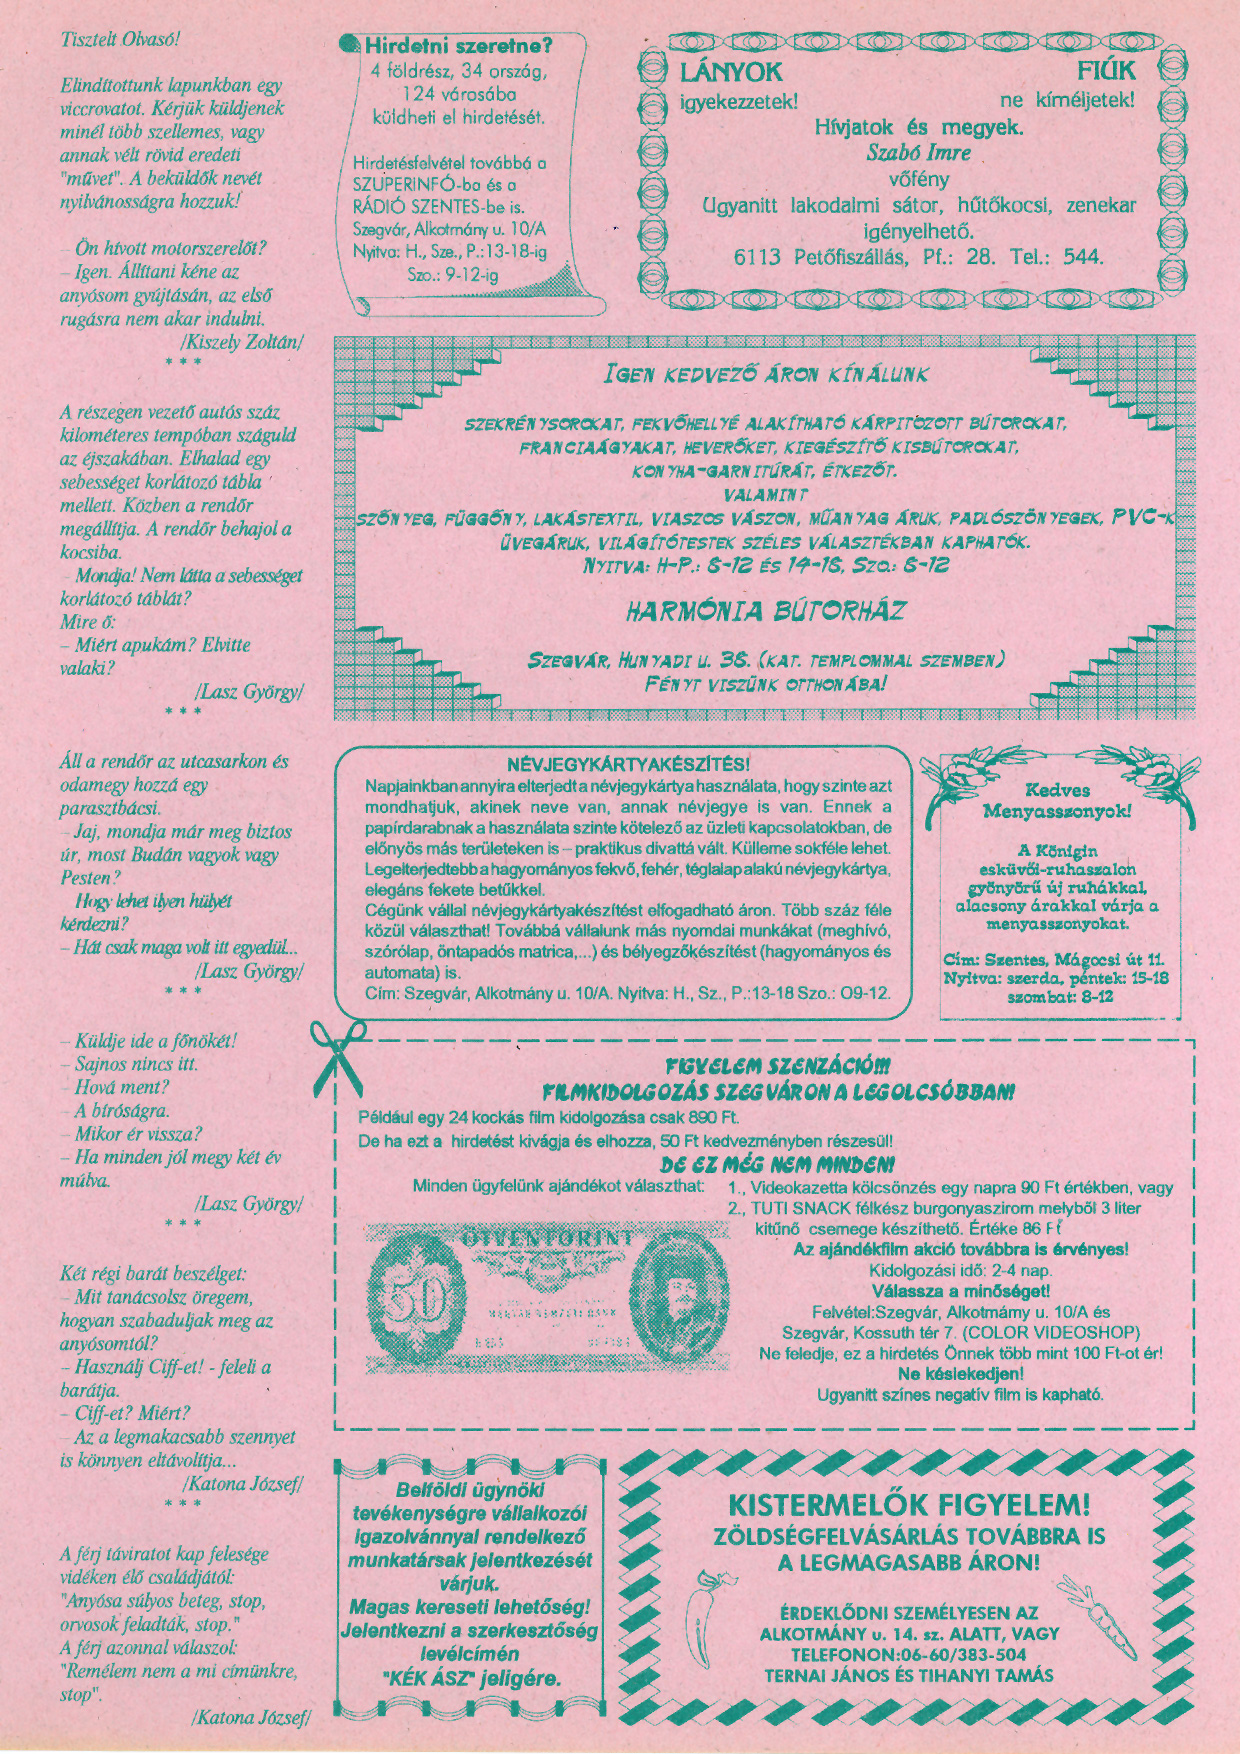 008 Tuti Tipp reklámújság - 19950930-004. lapszám -2.oldal - I. évfolyam.jpg